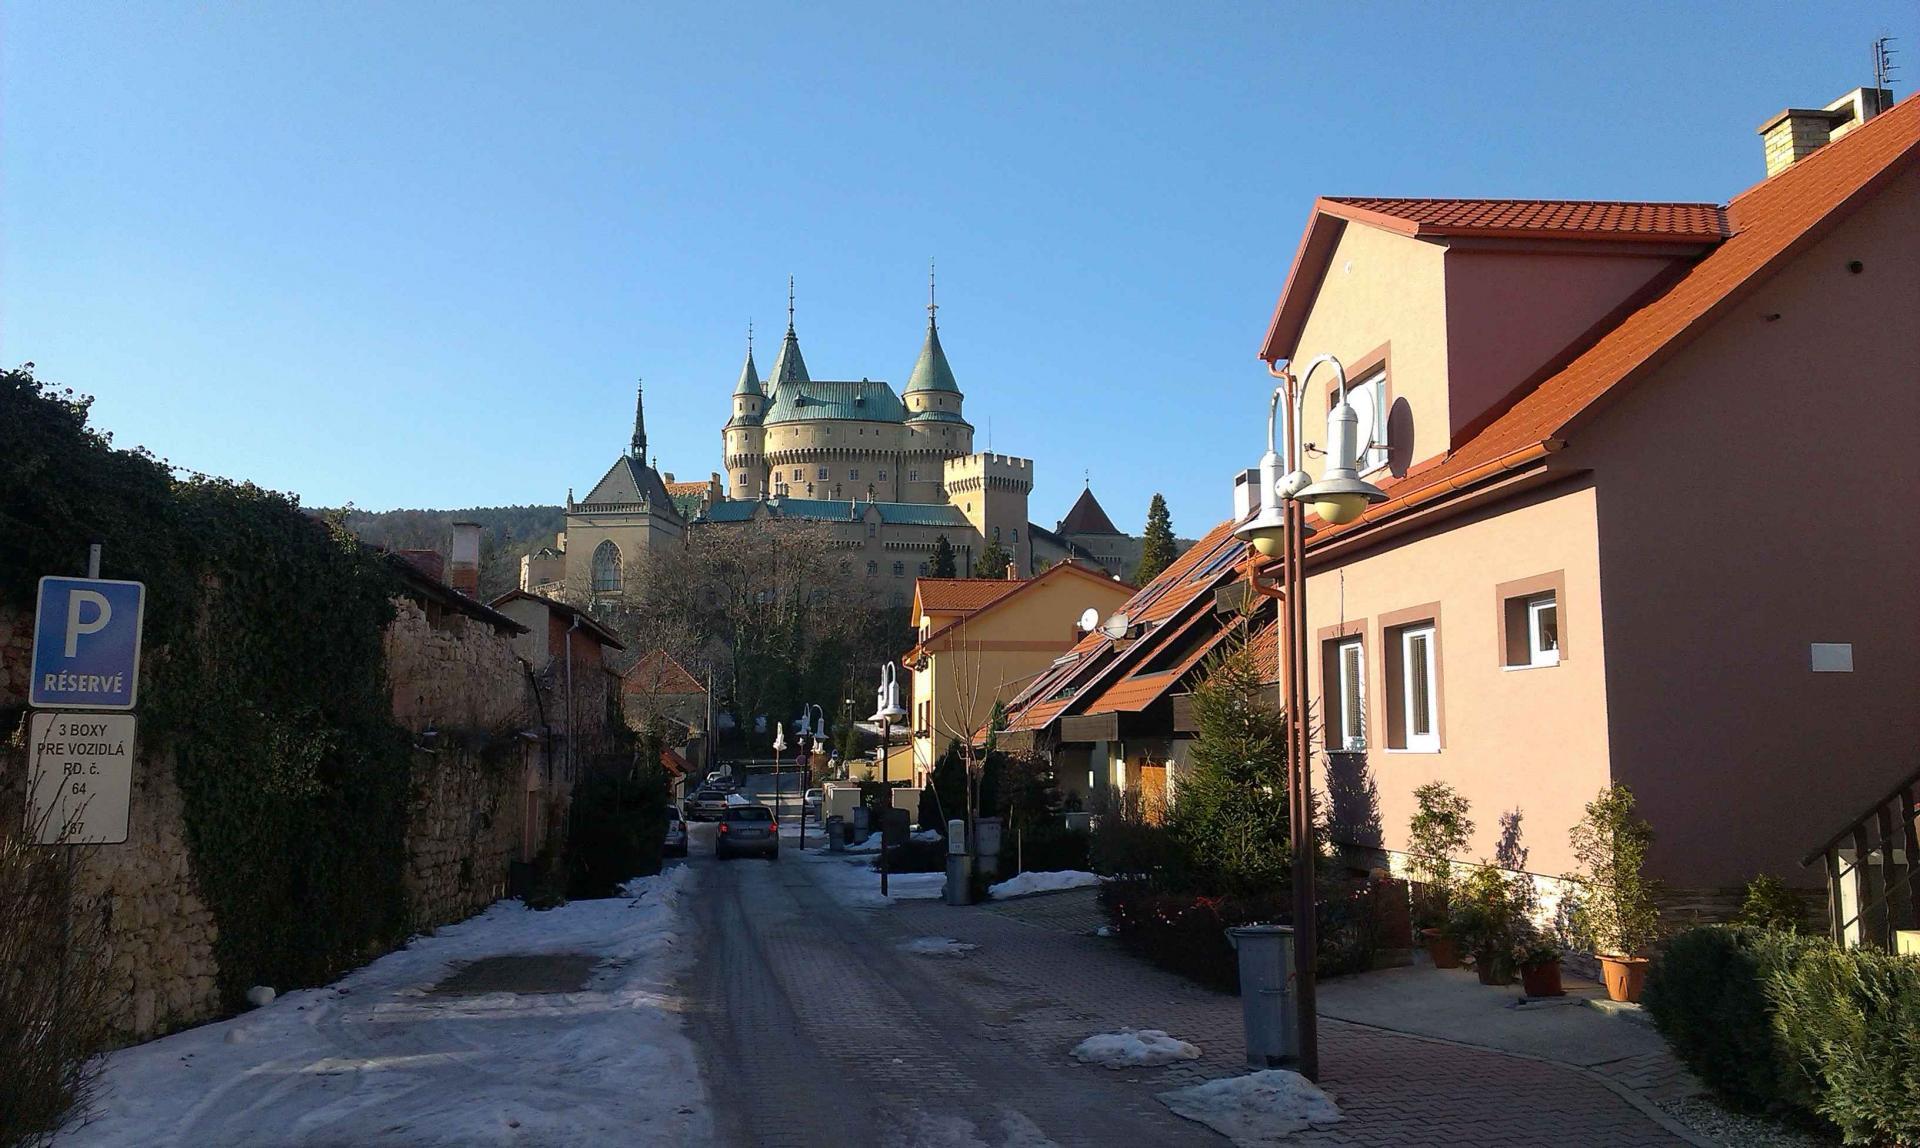 Словакия форум недвижимость филяково словакия посмотреть дома на продажу